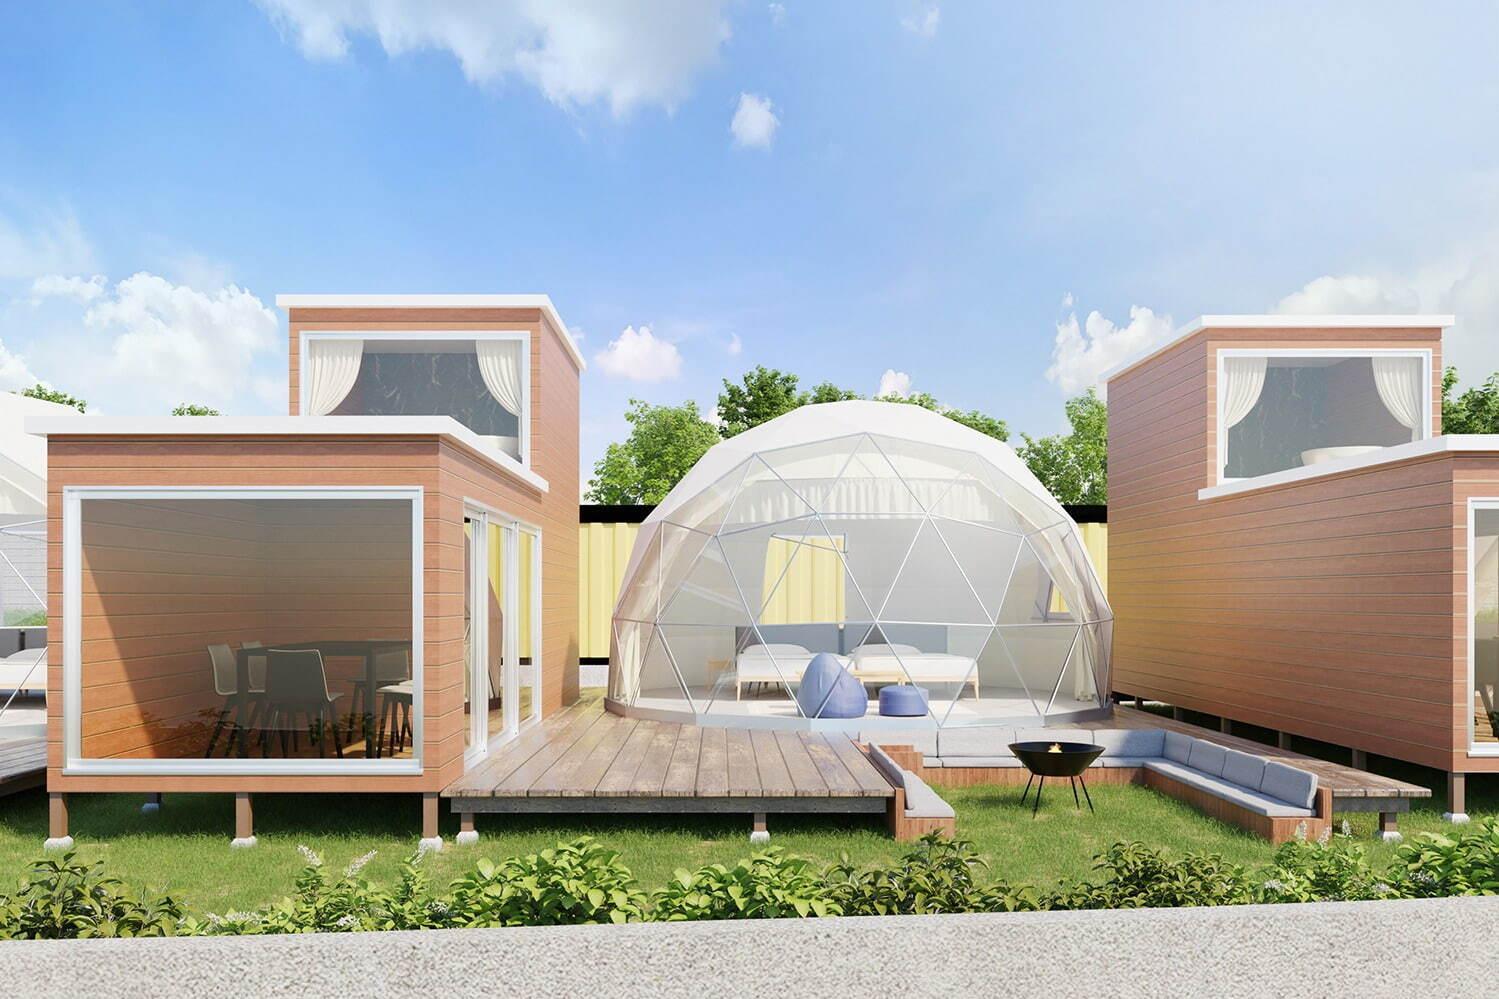 「グランマーレ 淡路」全棟客室温泉付&オーシャンビューグランピング、各テントに専用ガーデンも 写真5